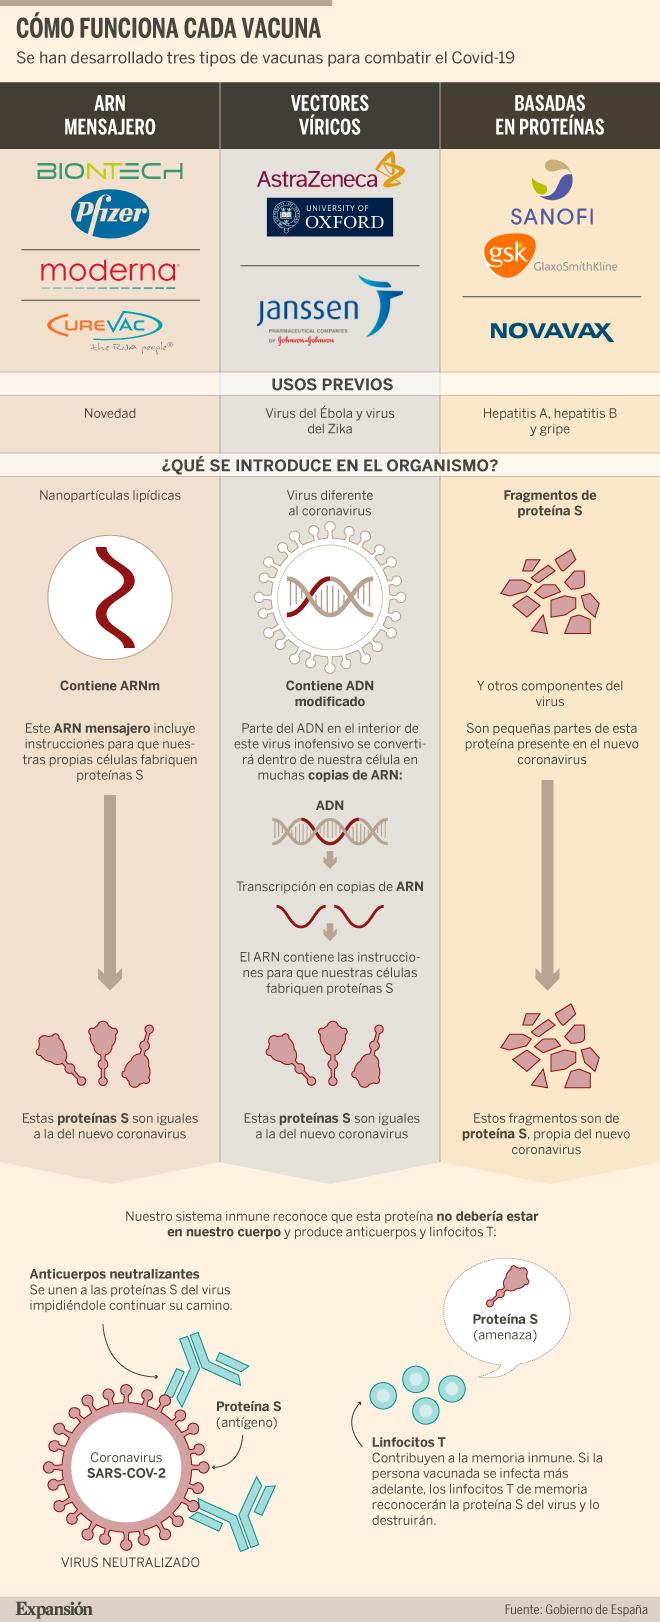 Covid-19: ¿Cuántos tipos de vacunas hay, cómo funcionan y cuál es su seguridad?